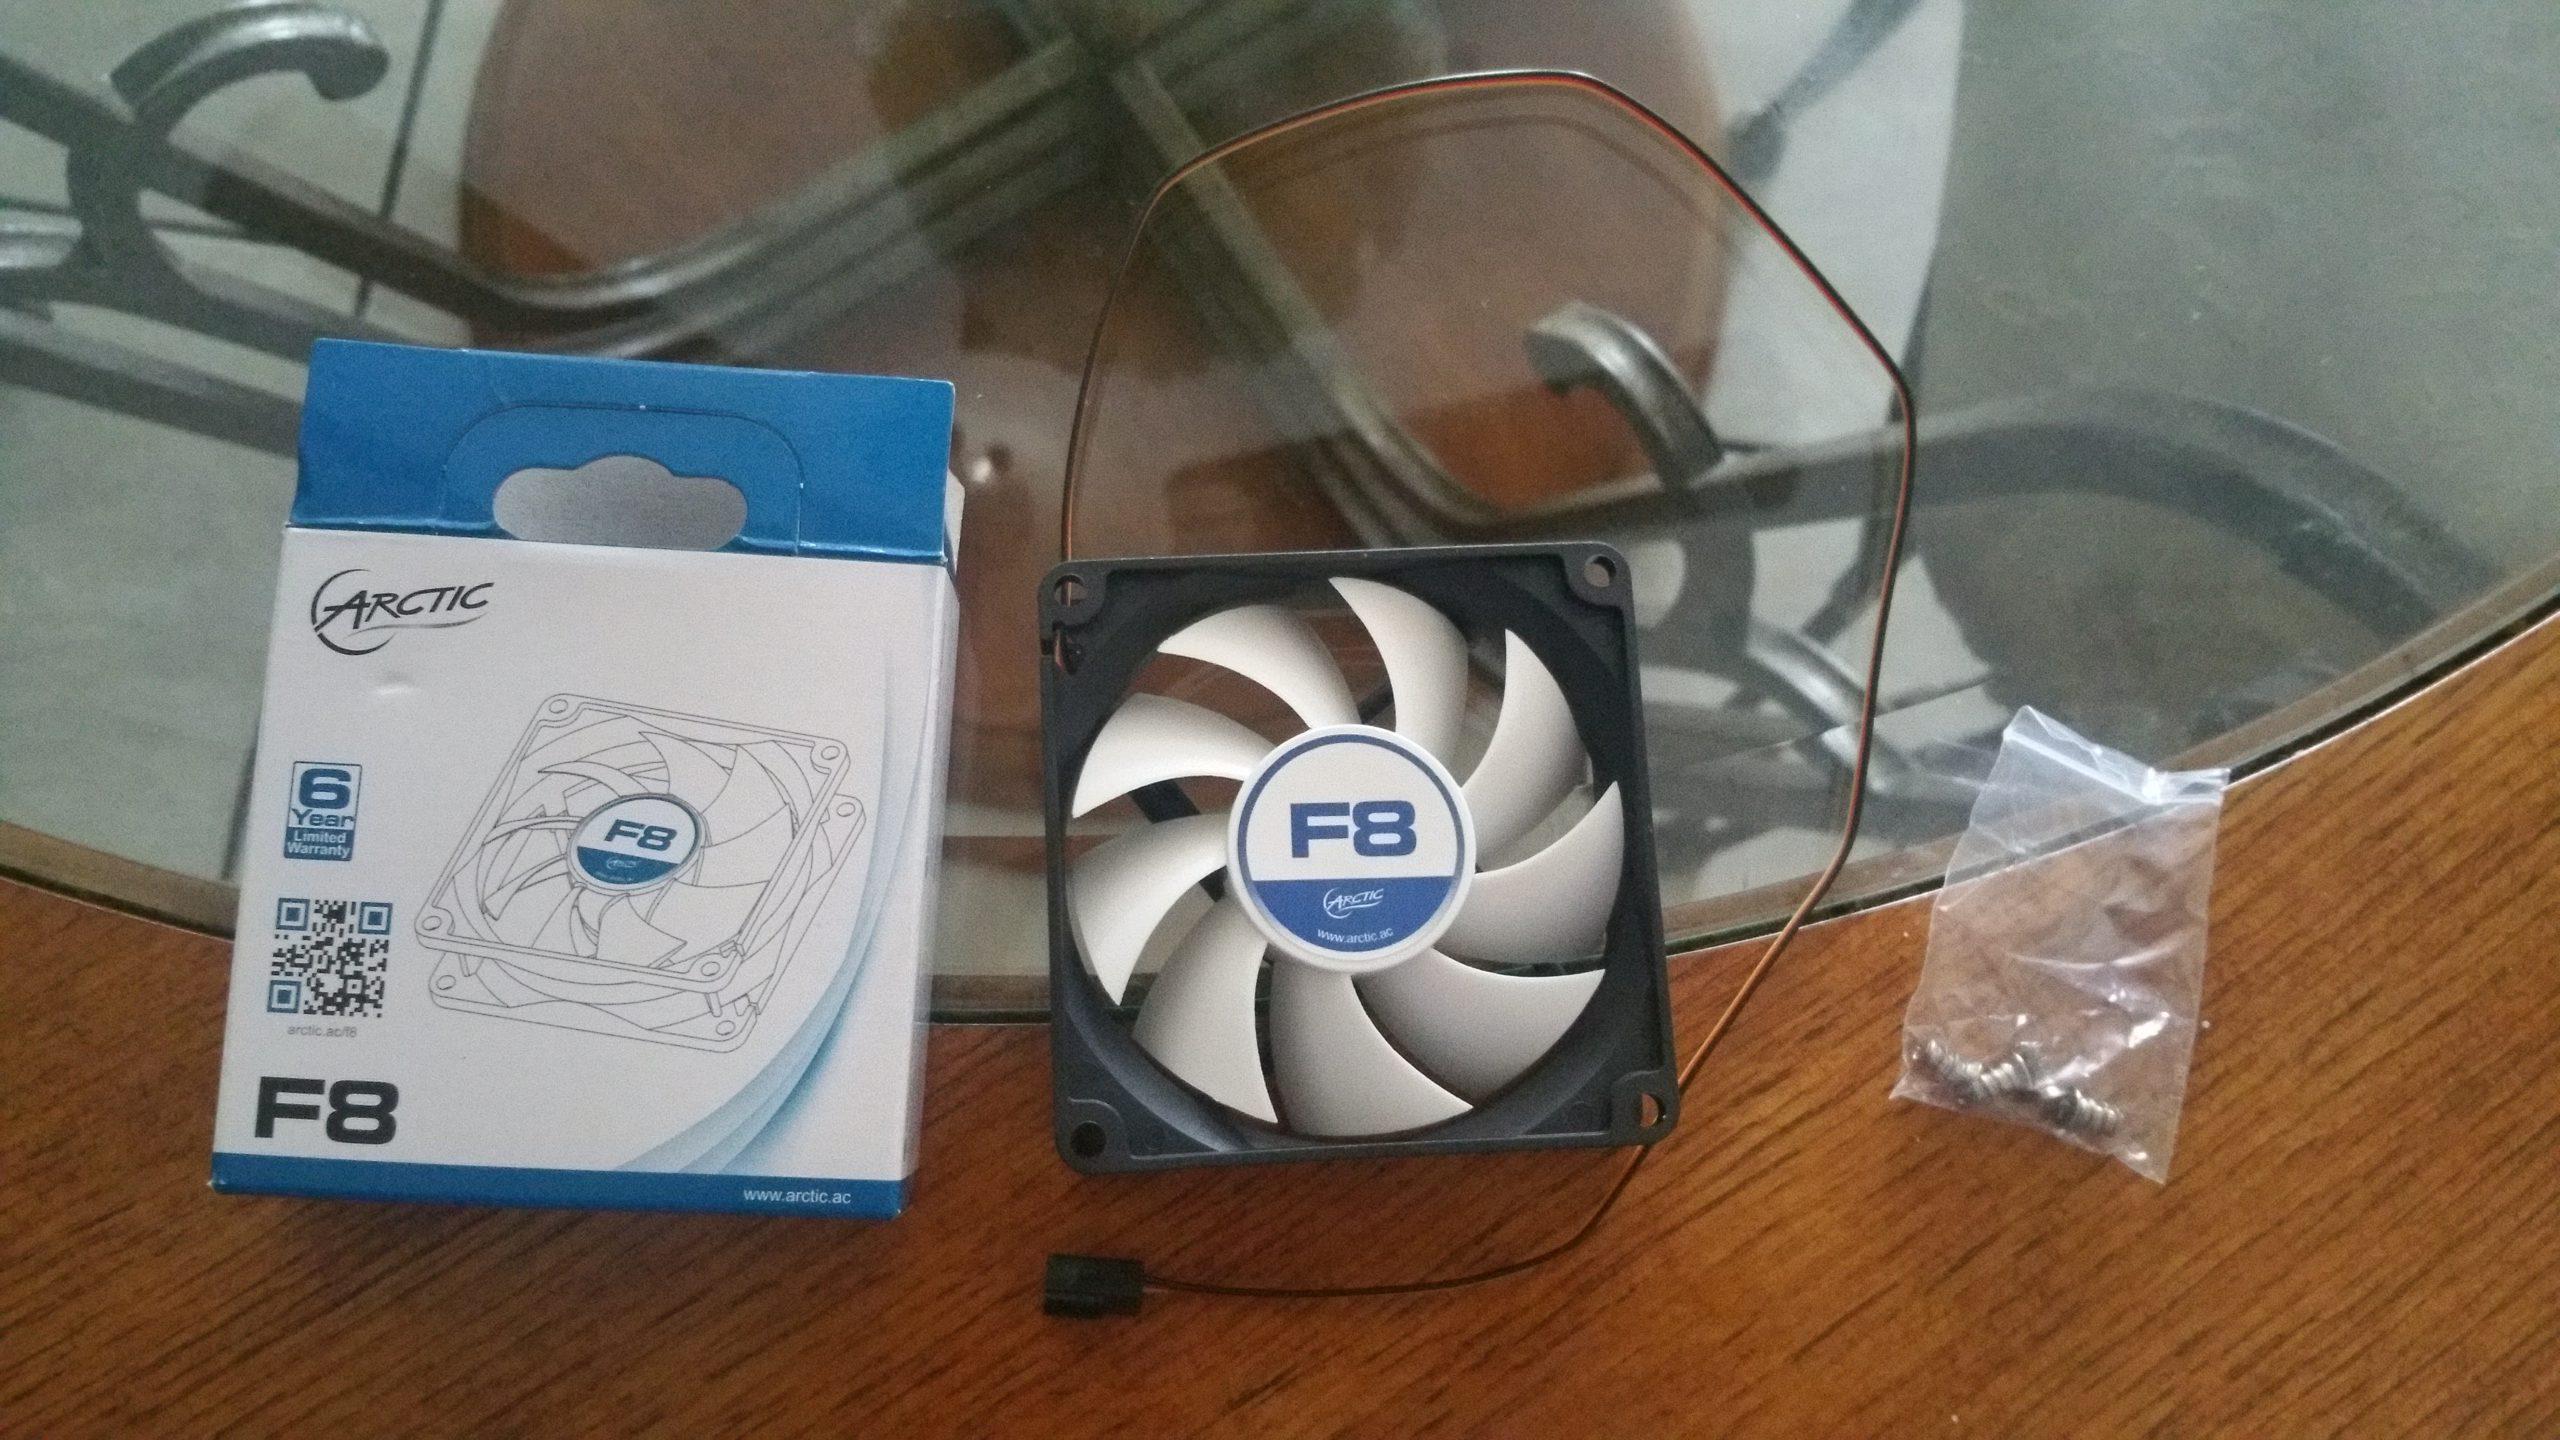 Arctic F8 PC Fan - 8